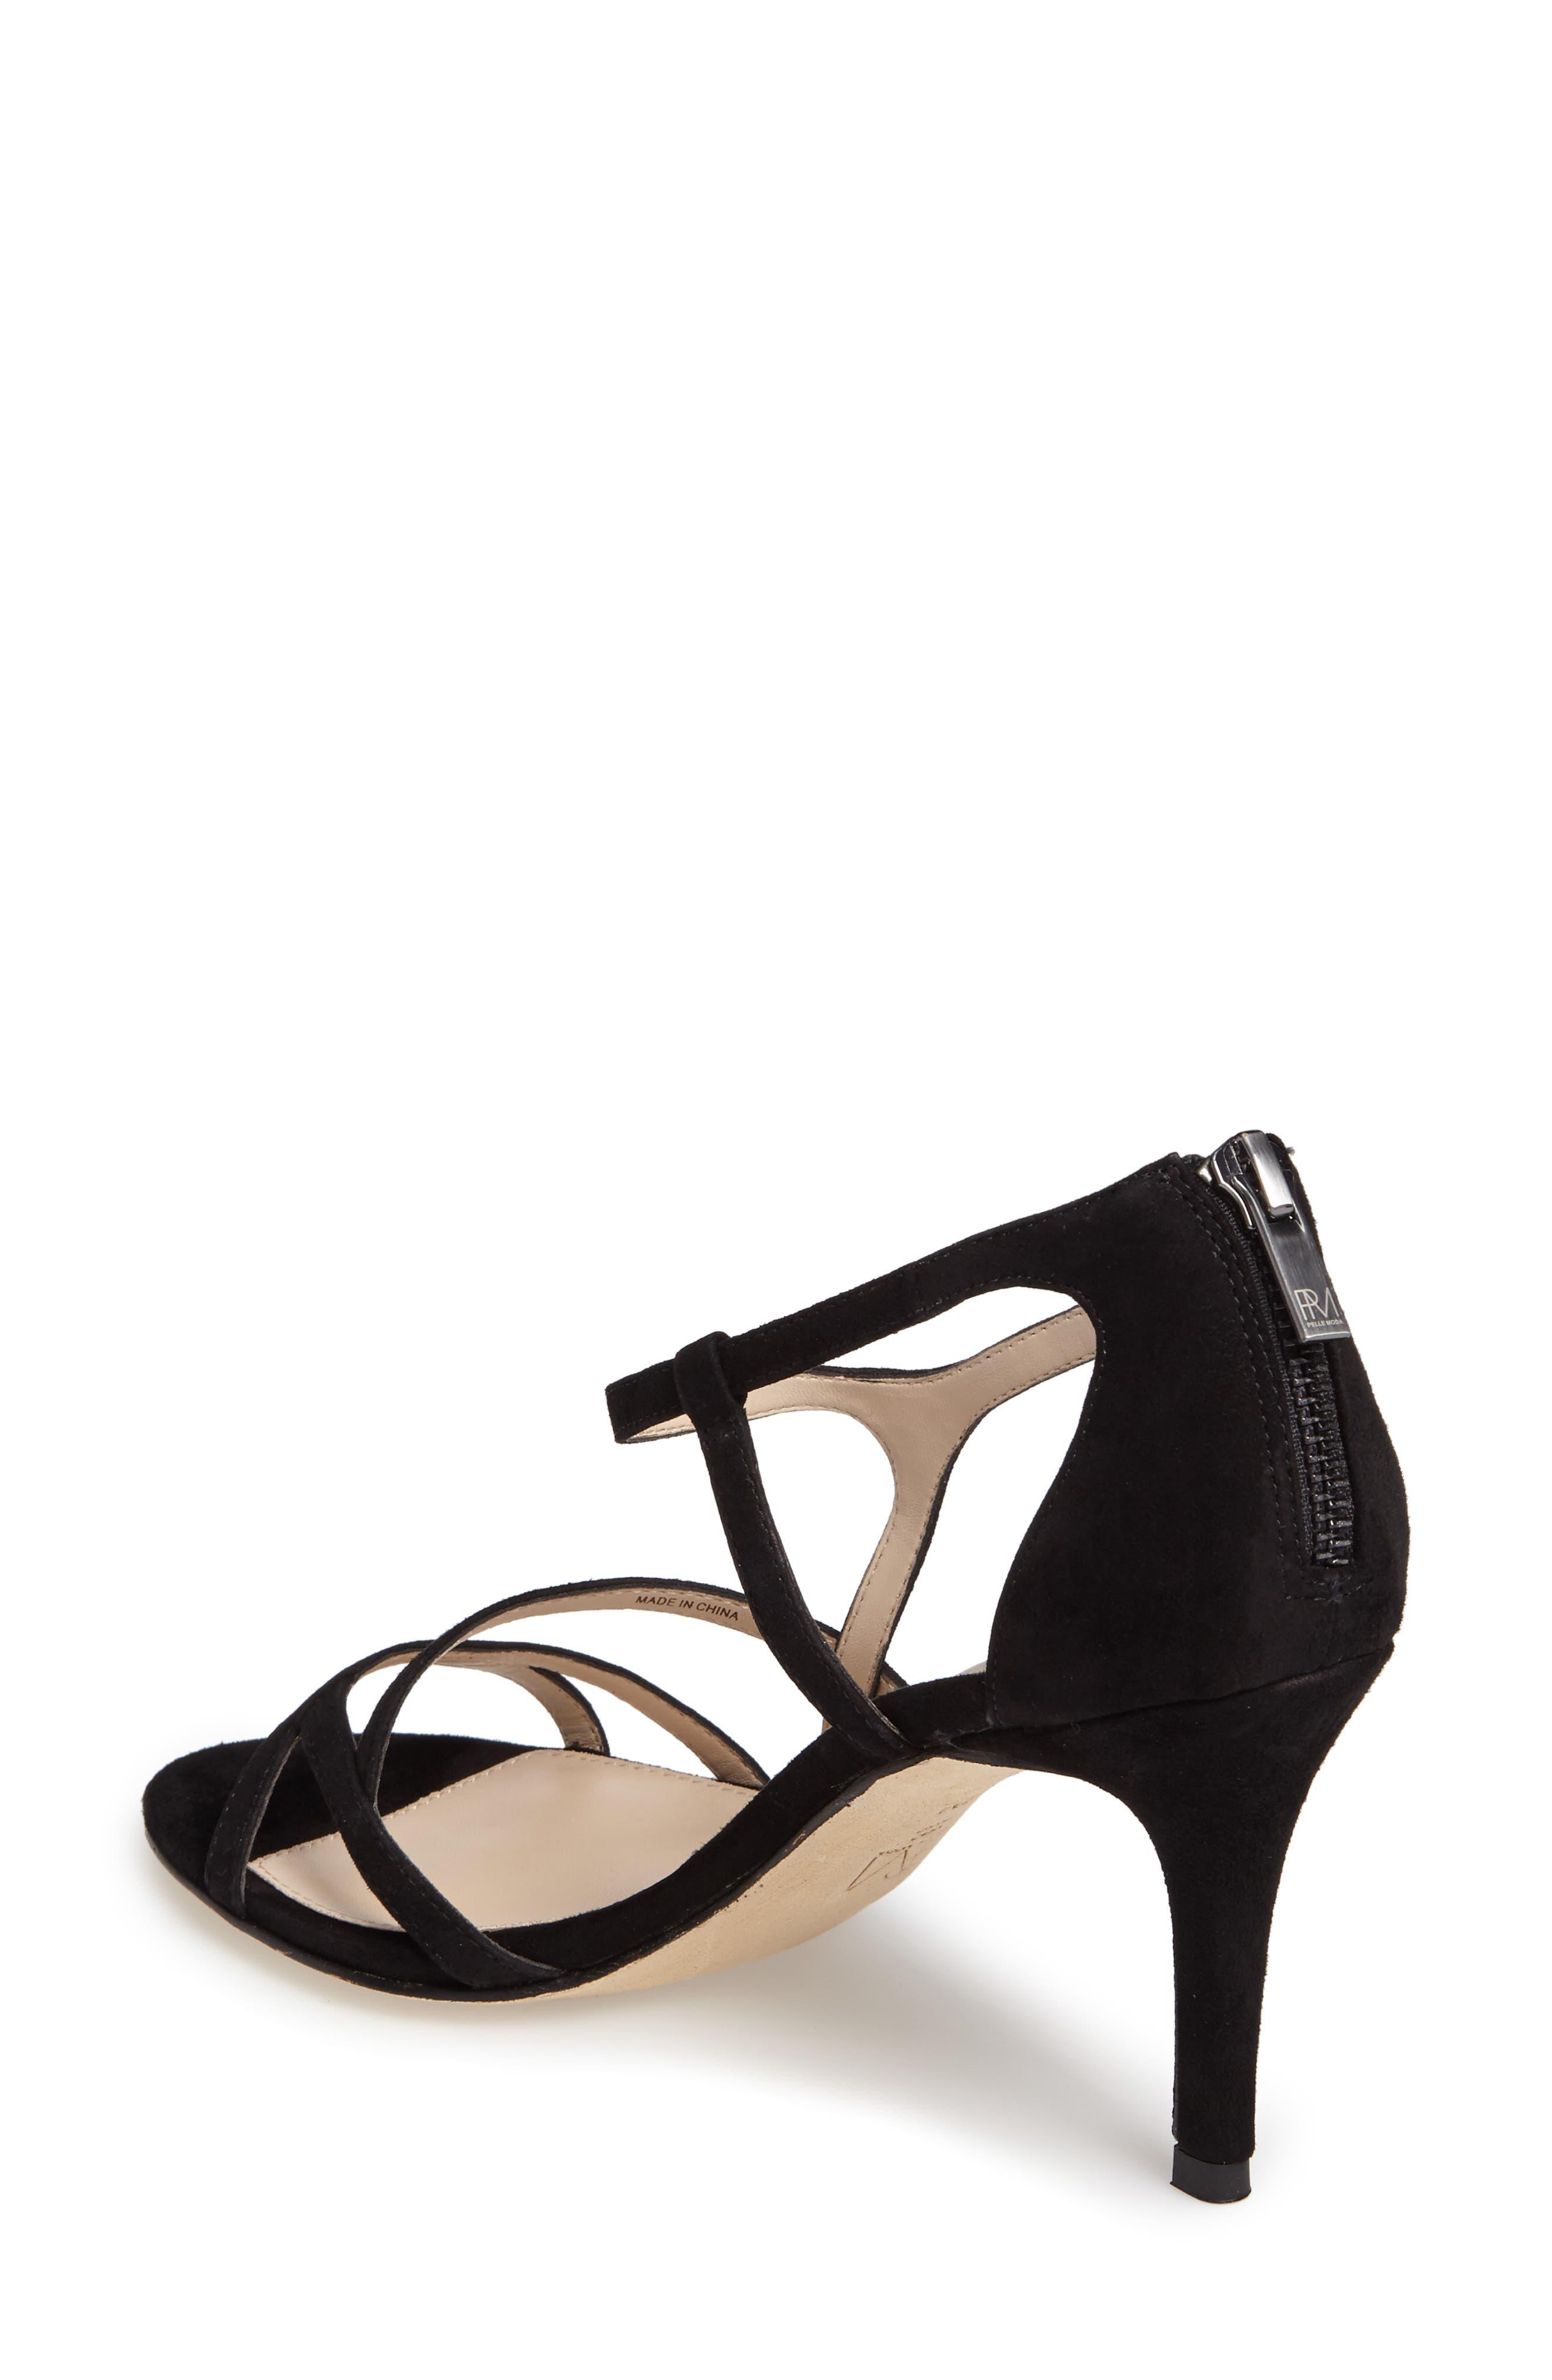 Ruby Asymmetrical Strappy Sandal,                             Alternate thumbnail 2, color,                             001